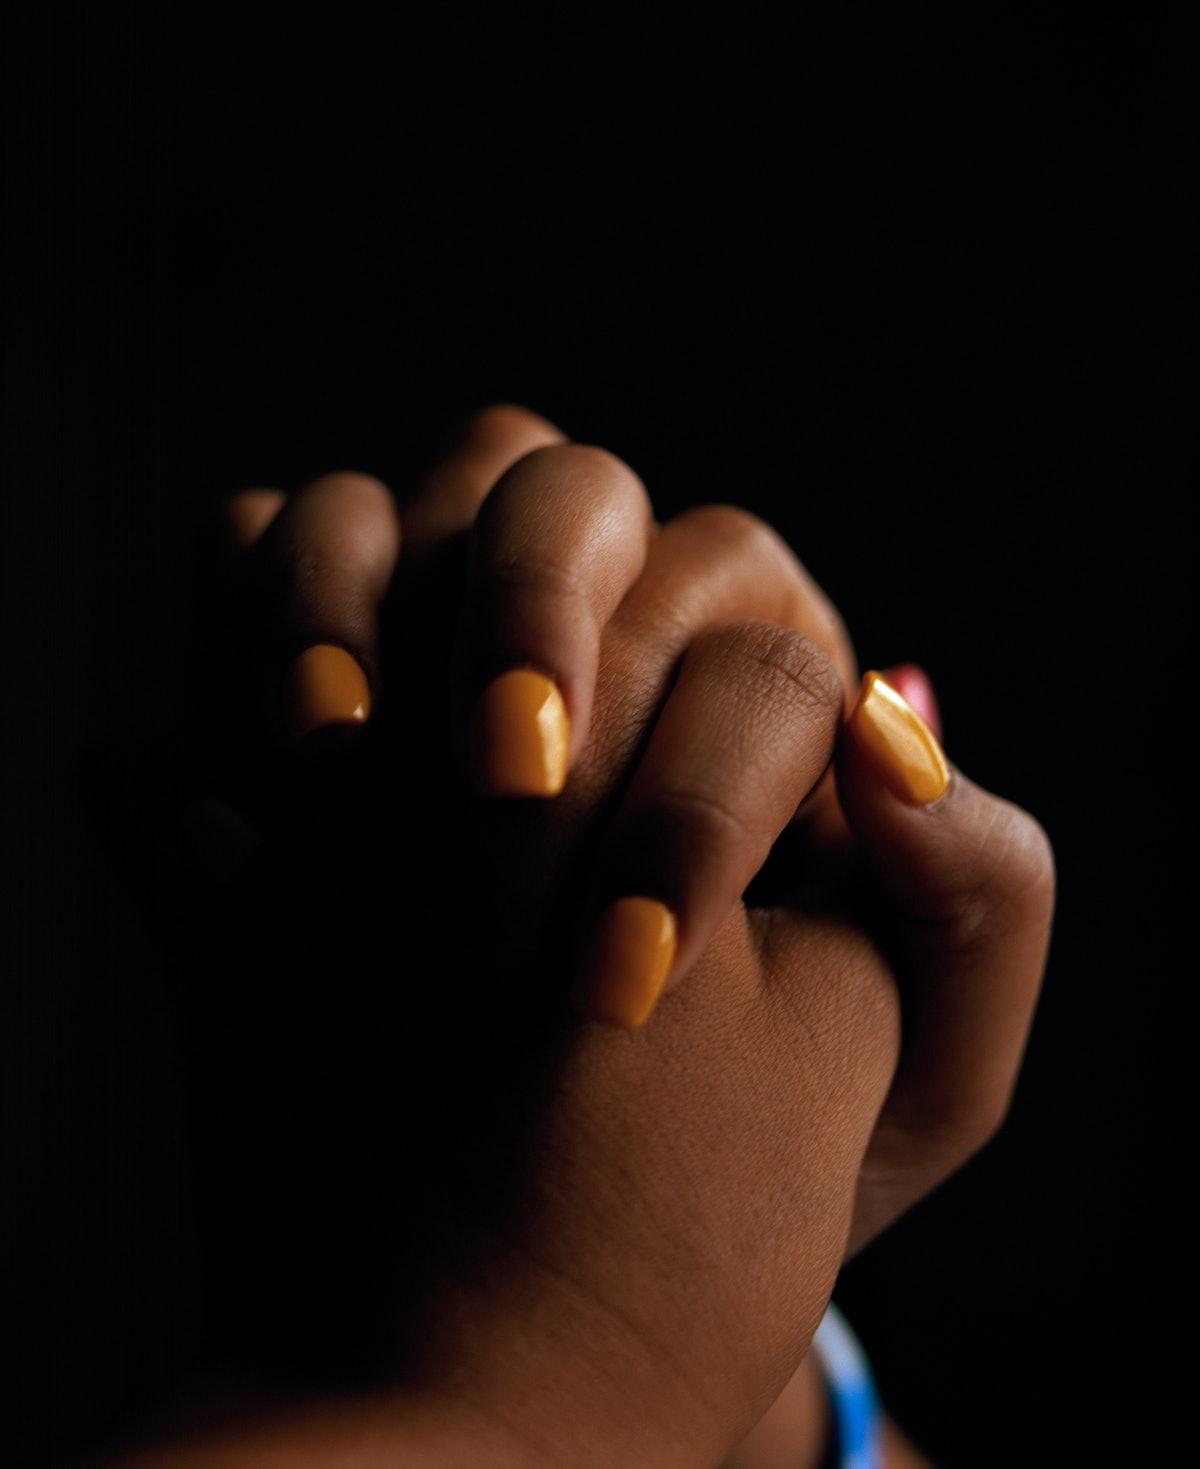 june canedo, woman, mara kuya, photobook, photo book, art, nail, nail art, nail polish